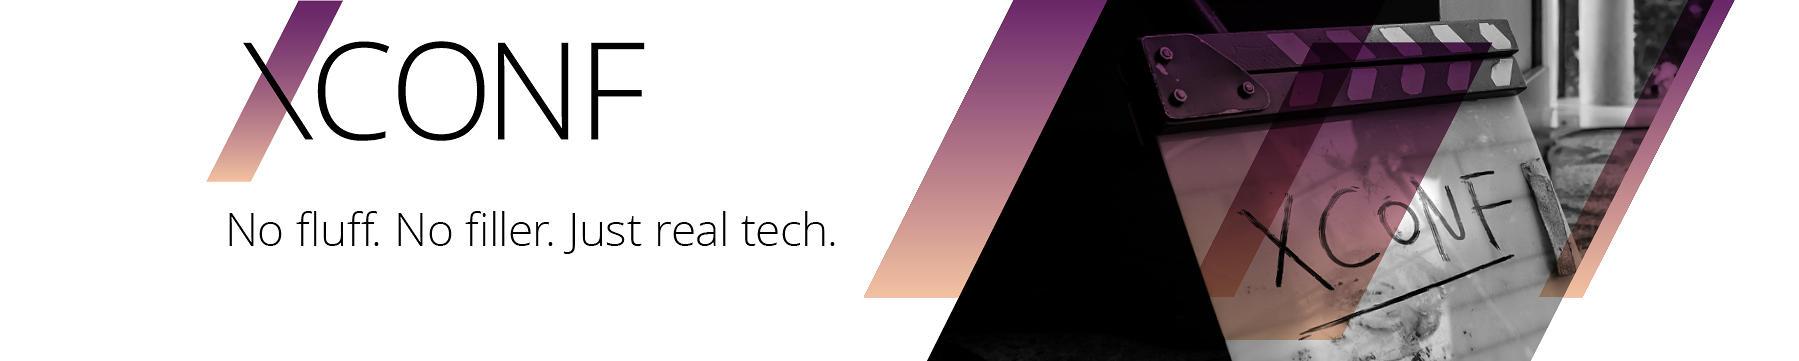 XConf - No fluff. No filler. Just real tech.